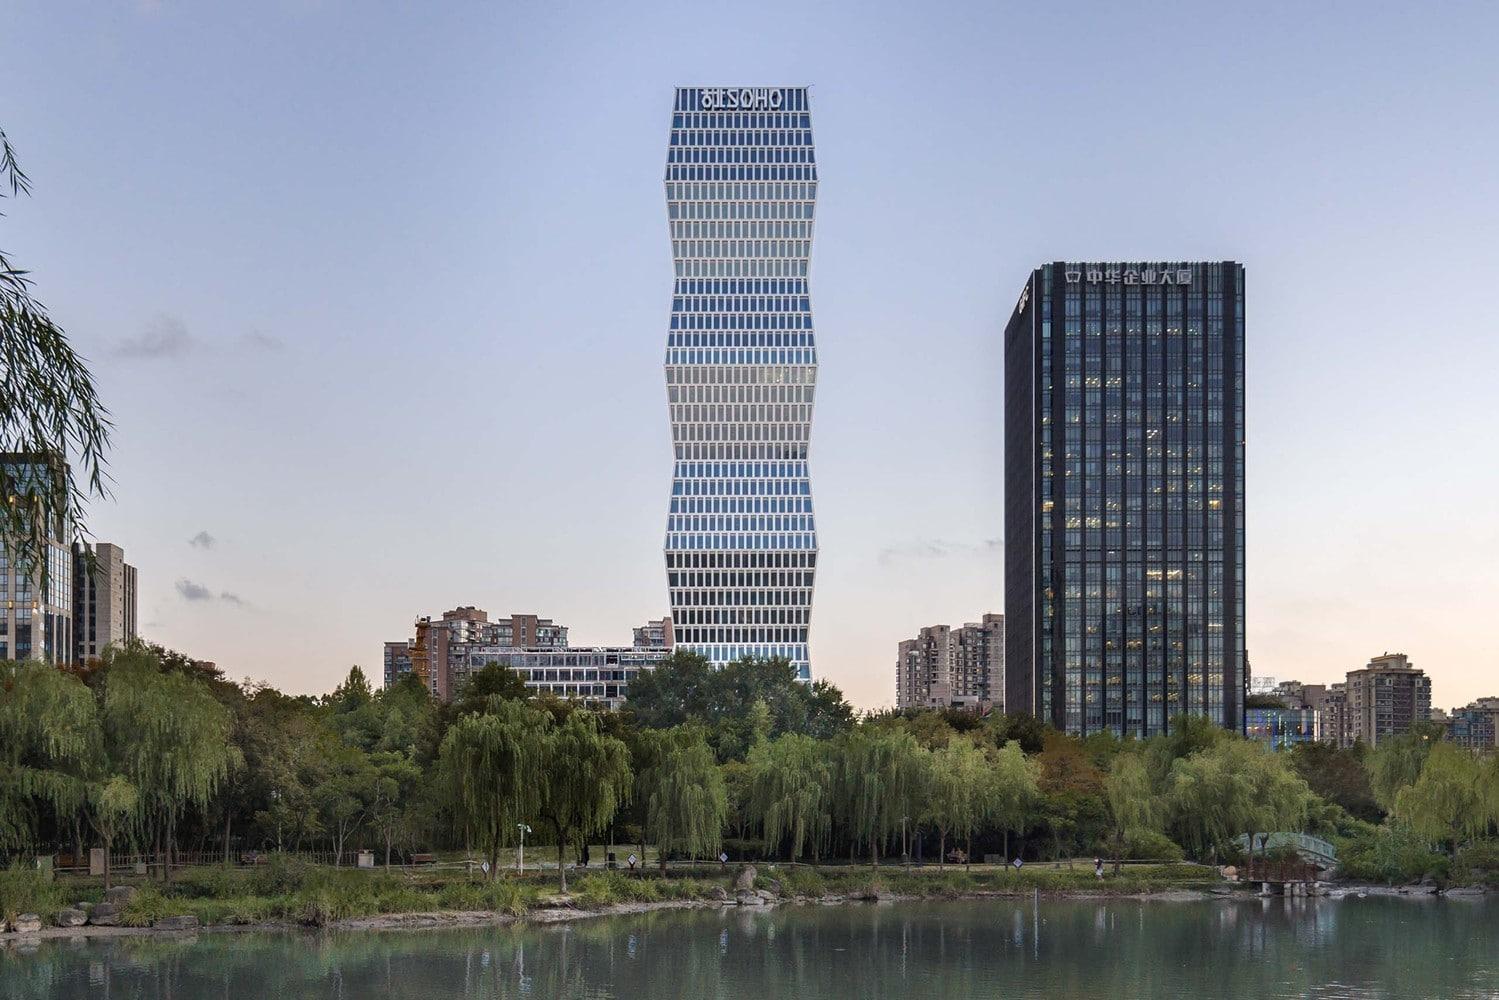 Un zgârie nori de birouri din China arată ca o sculptură a lui Brâncuși